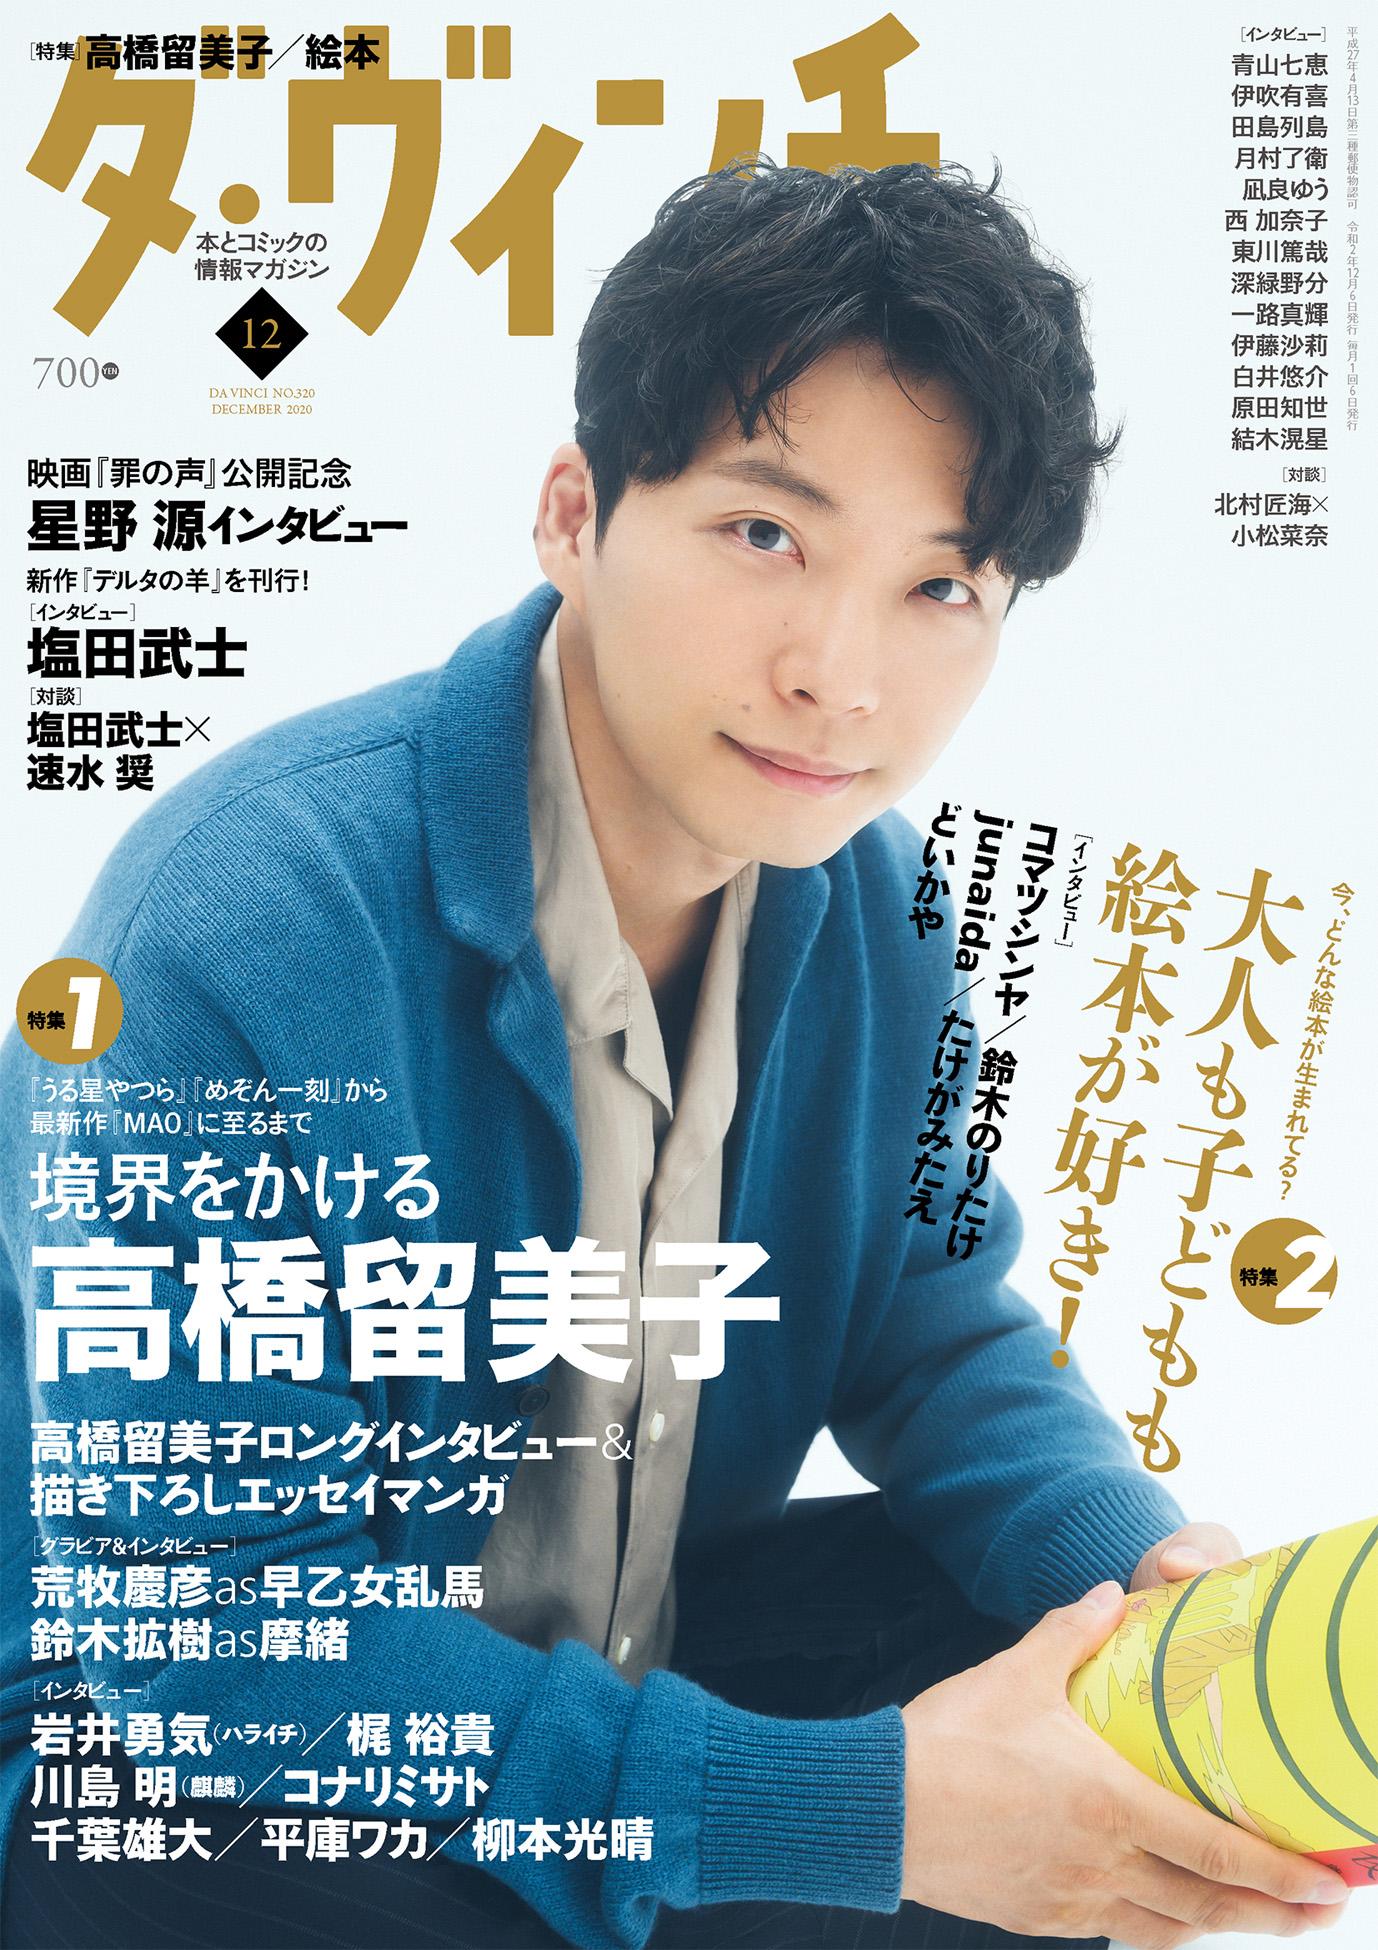 ダ・ヴィンチ 2020年12月号 700円